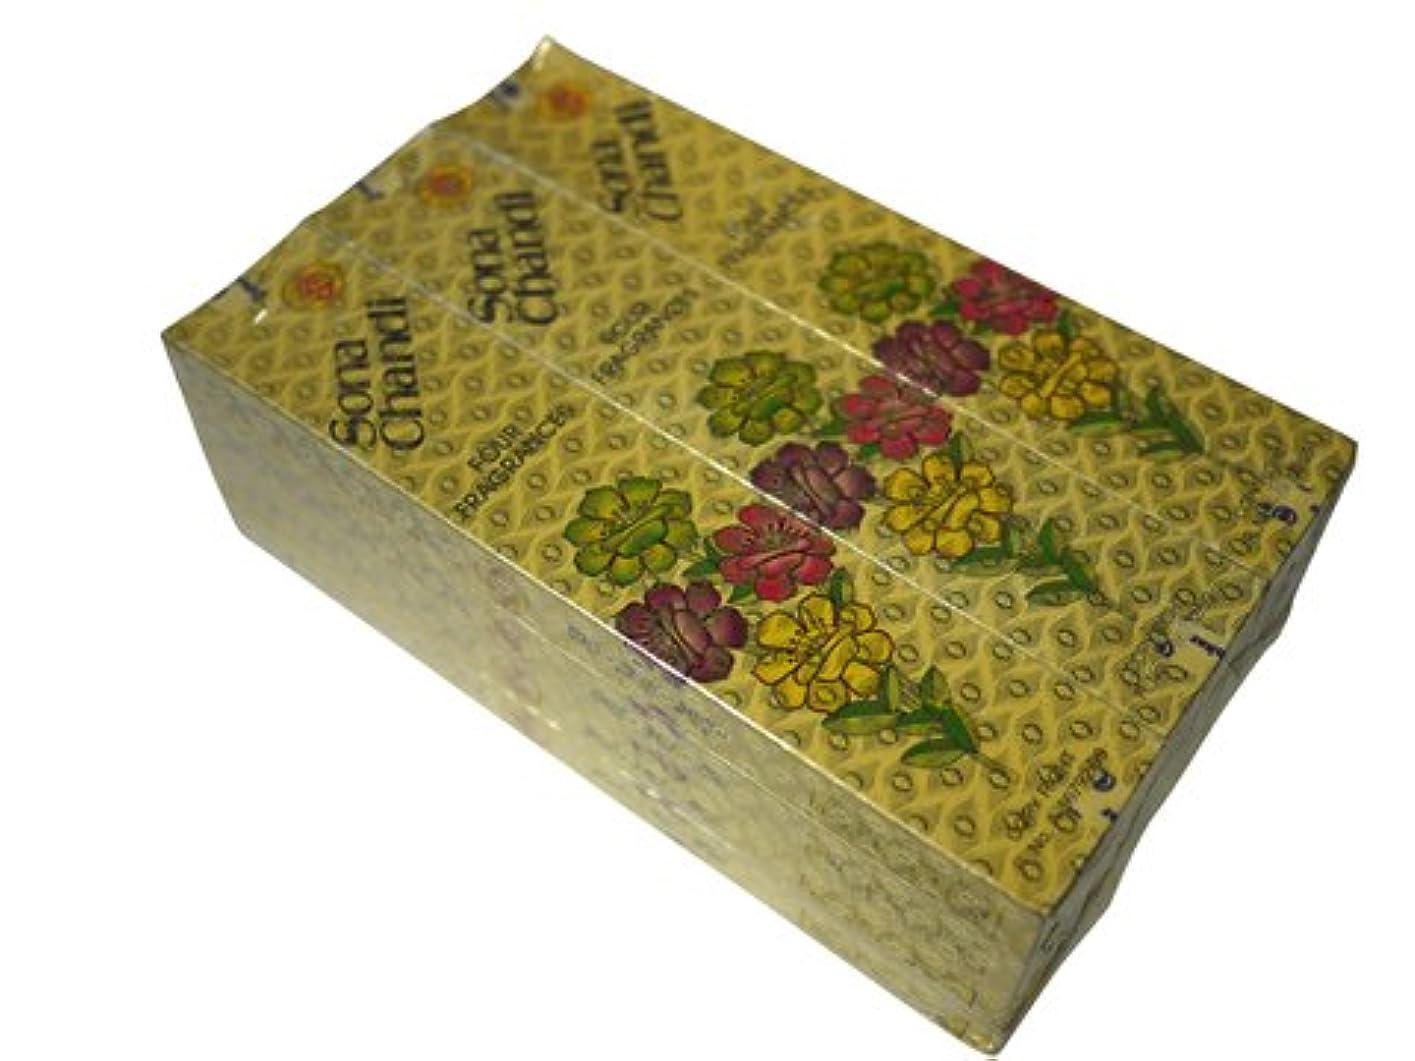 オッズ保証する高度なSHANKAR'S(シャンカーズ) ソナチャンディ香 スティック SONA CHANDI 12箱セット